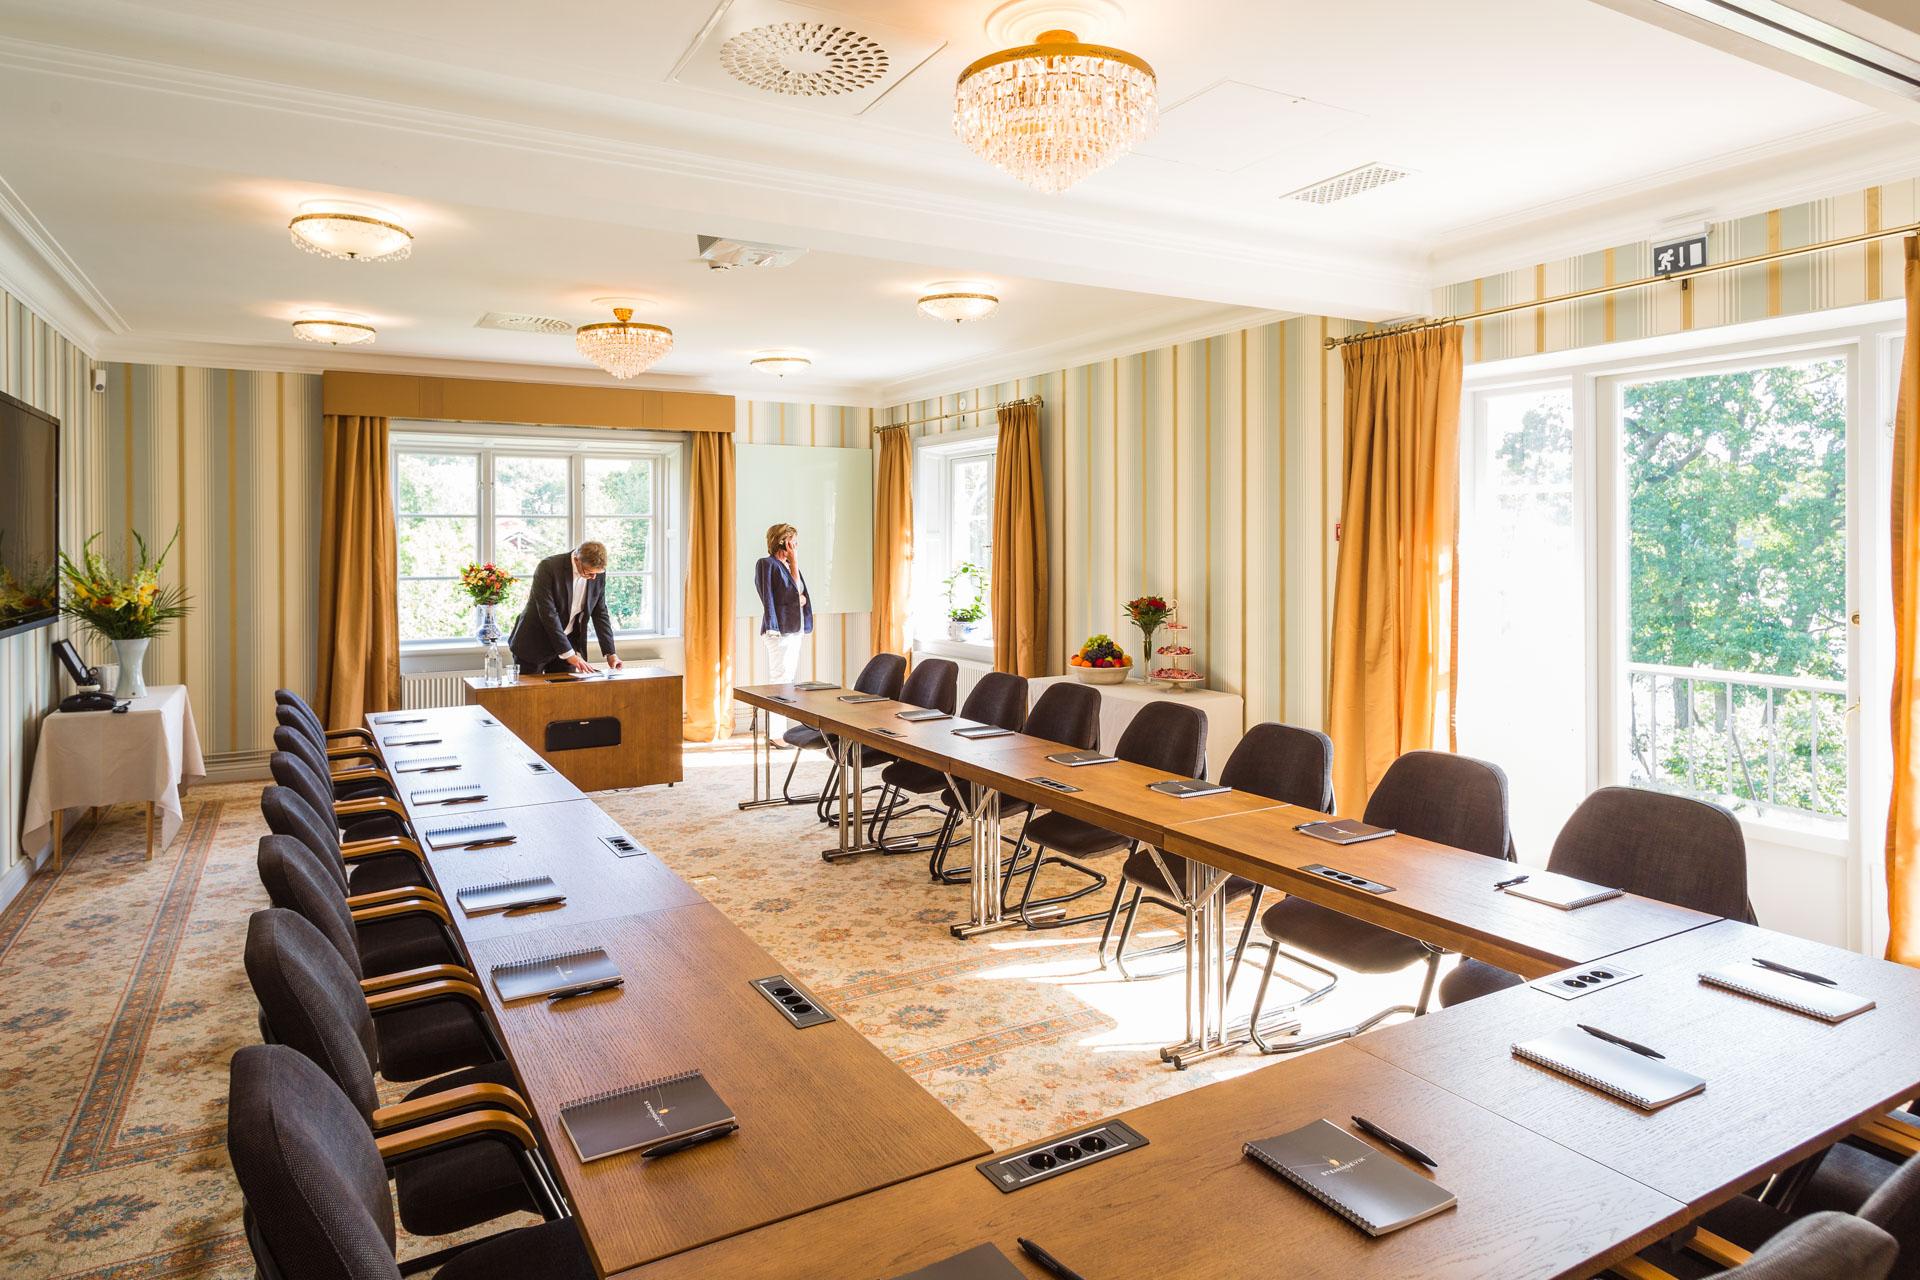 interiörfotograf-konferens-hotell-stockholm-sverige-2